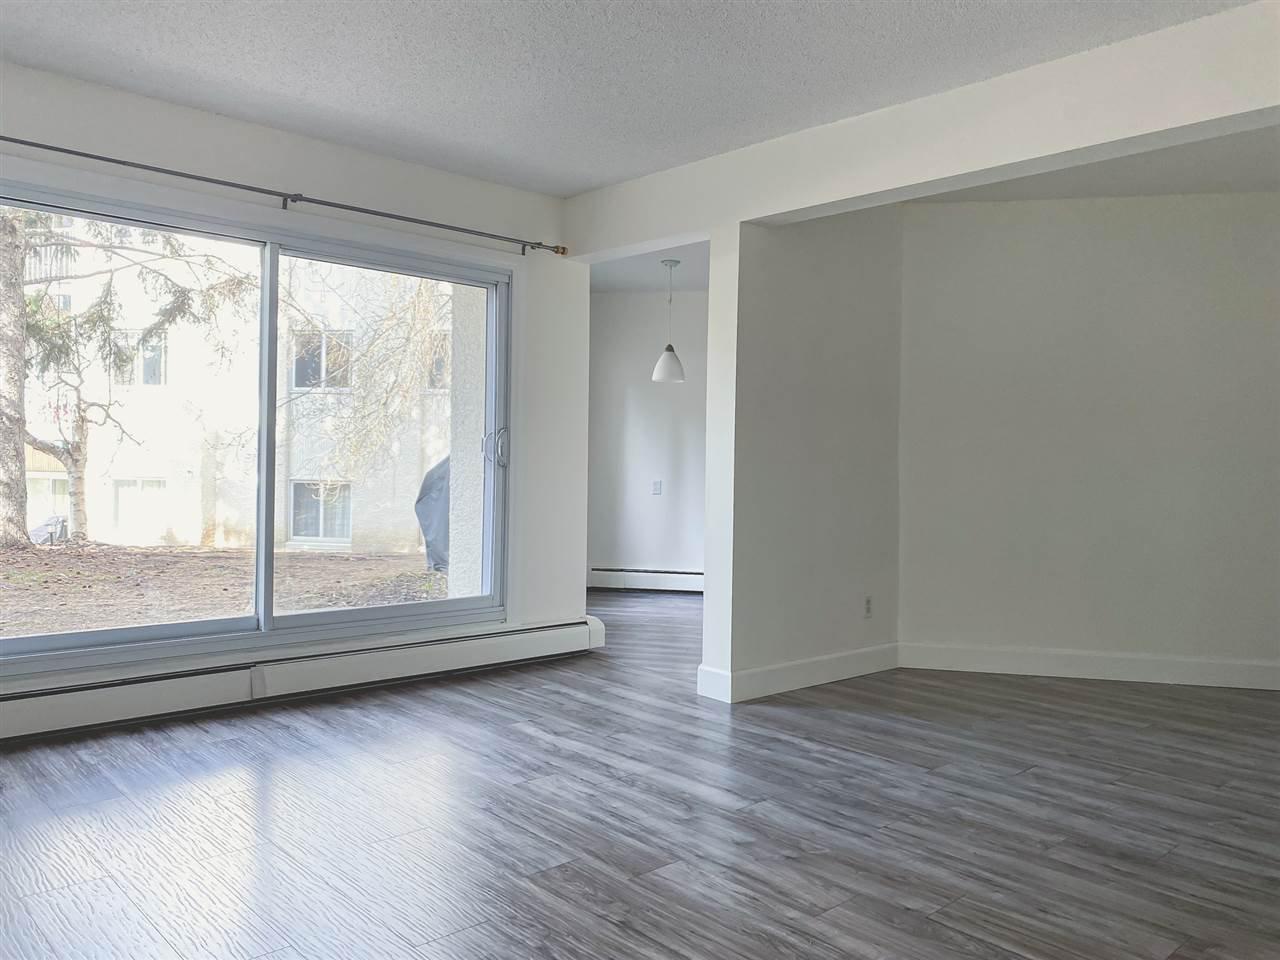 Main Photo: 108 5730 Riverbend Road NW in Edmonton: Zone 14 Condo for sale : MLS®# E4198838